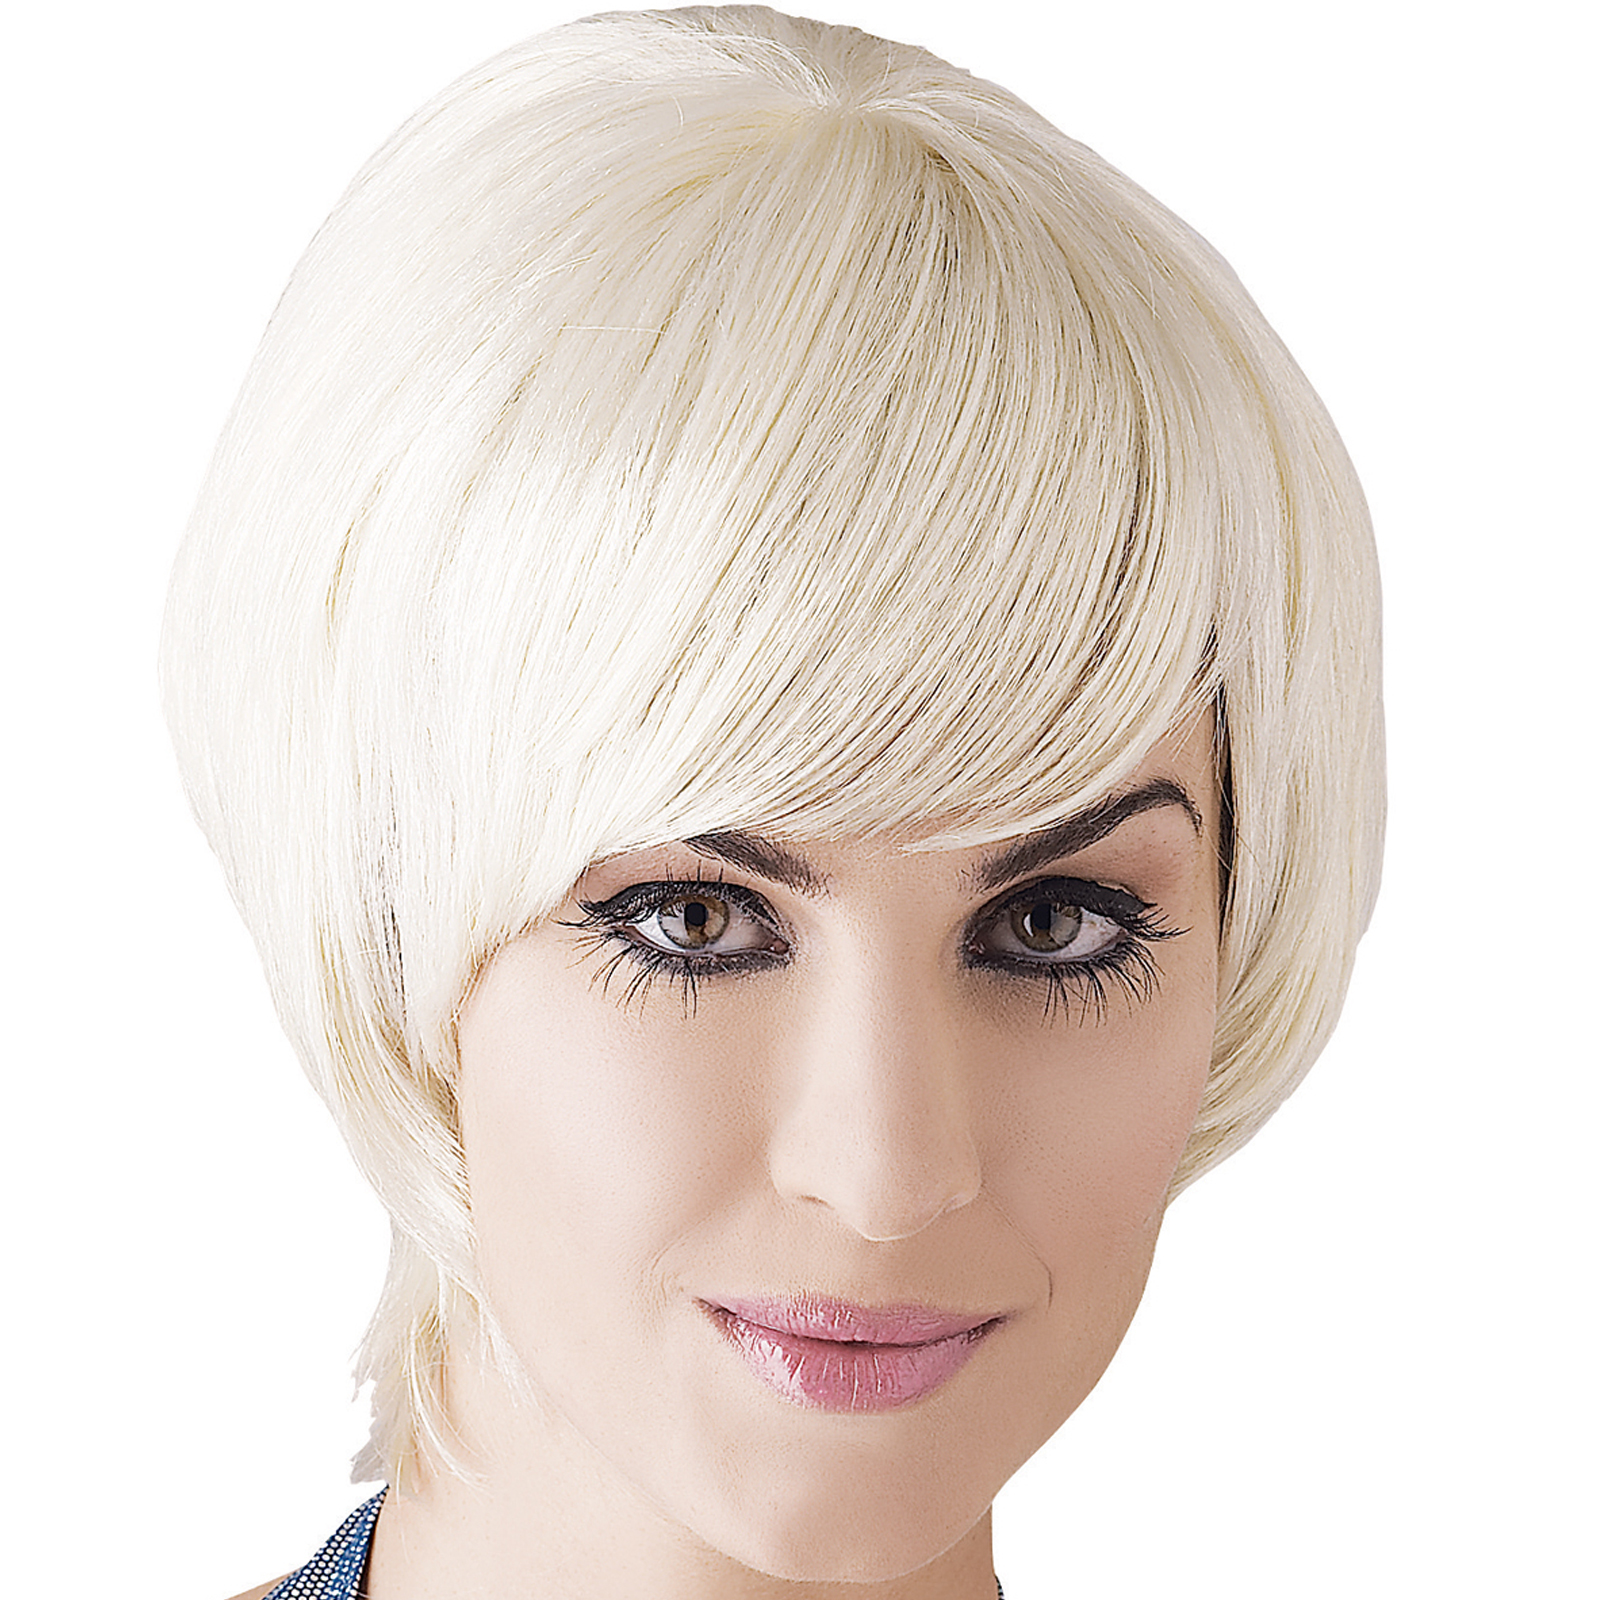 Схема мелирования волос.  Популярные материалы.  Препарат для похудения xl s. Итальянская маска для волос.